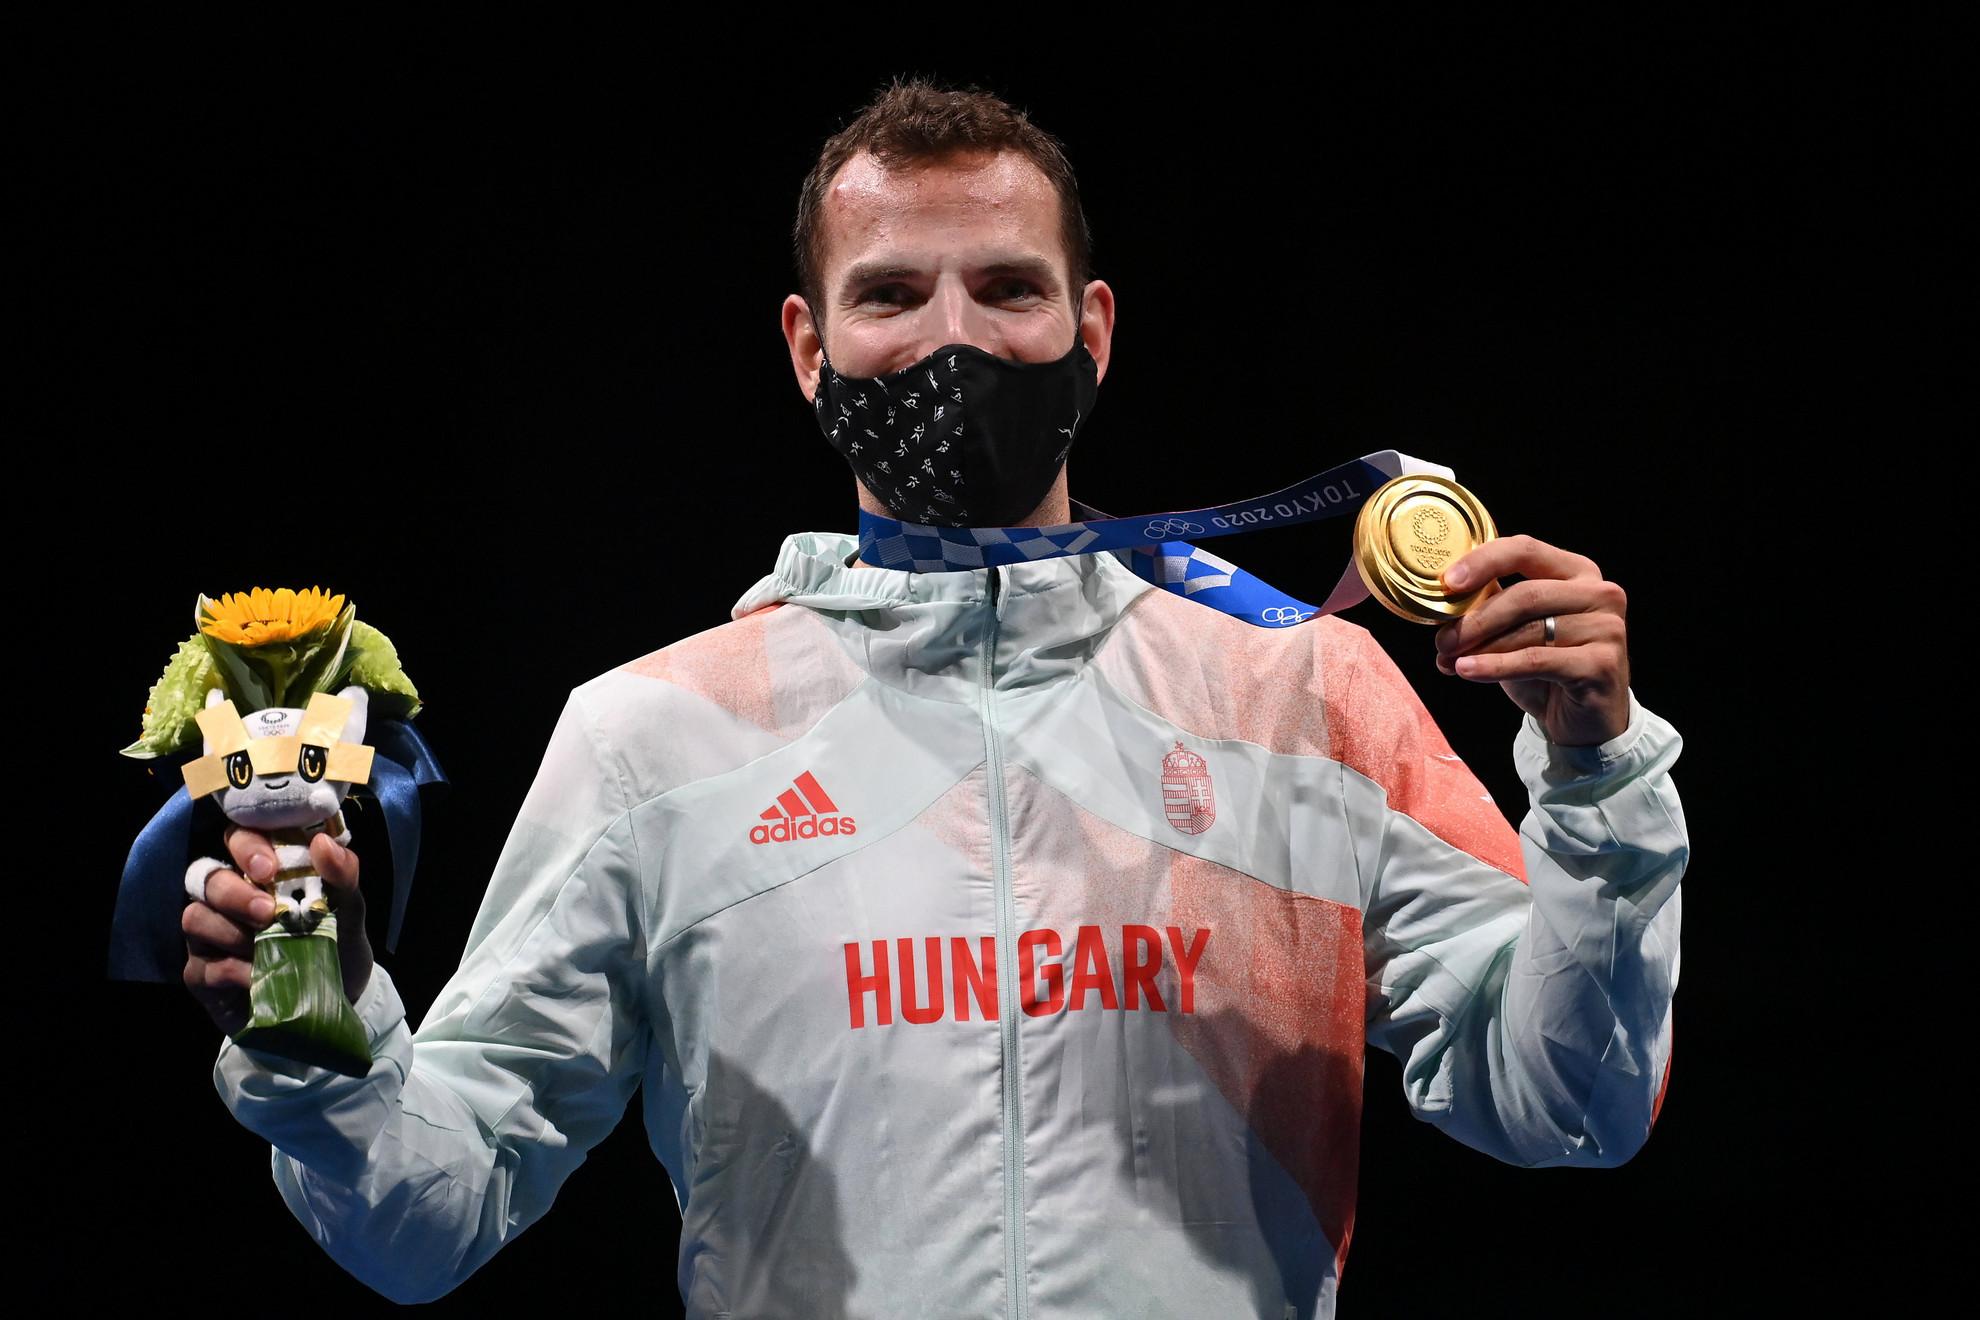 Az aranyérmes Szilágyi Áron a dobogó legfelső fokán, miután ismét megvédte olimpiai bajnoki címét a férfi kardozók egyéni versenyének döntőjében